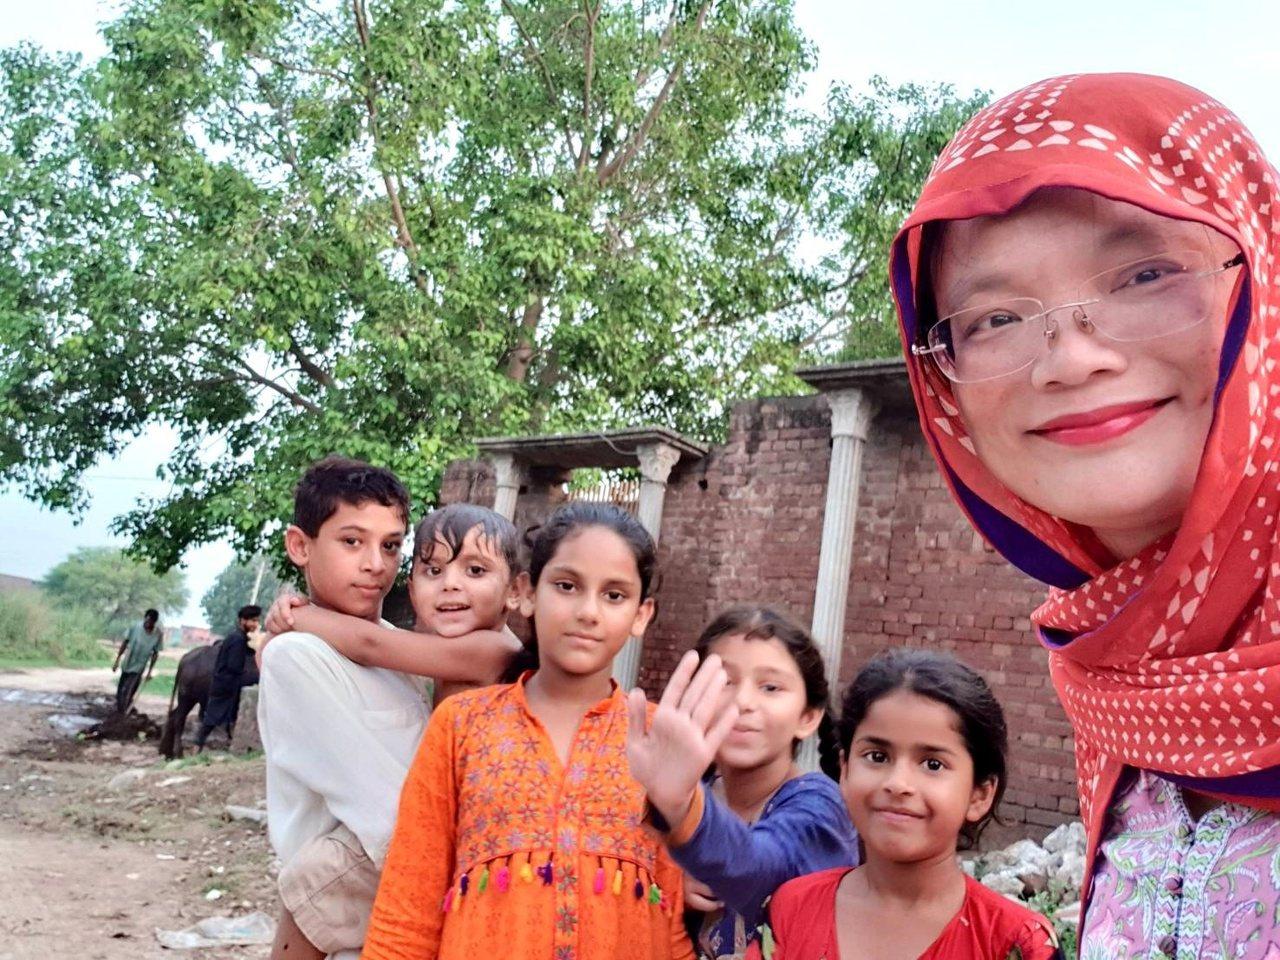 常旅居巴基斯坦的亞瑟蘭說,「生活就是文學」,許多文章題材都是取自自身的生活體驗。...